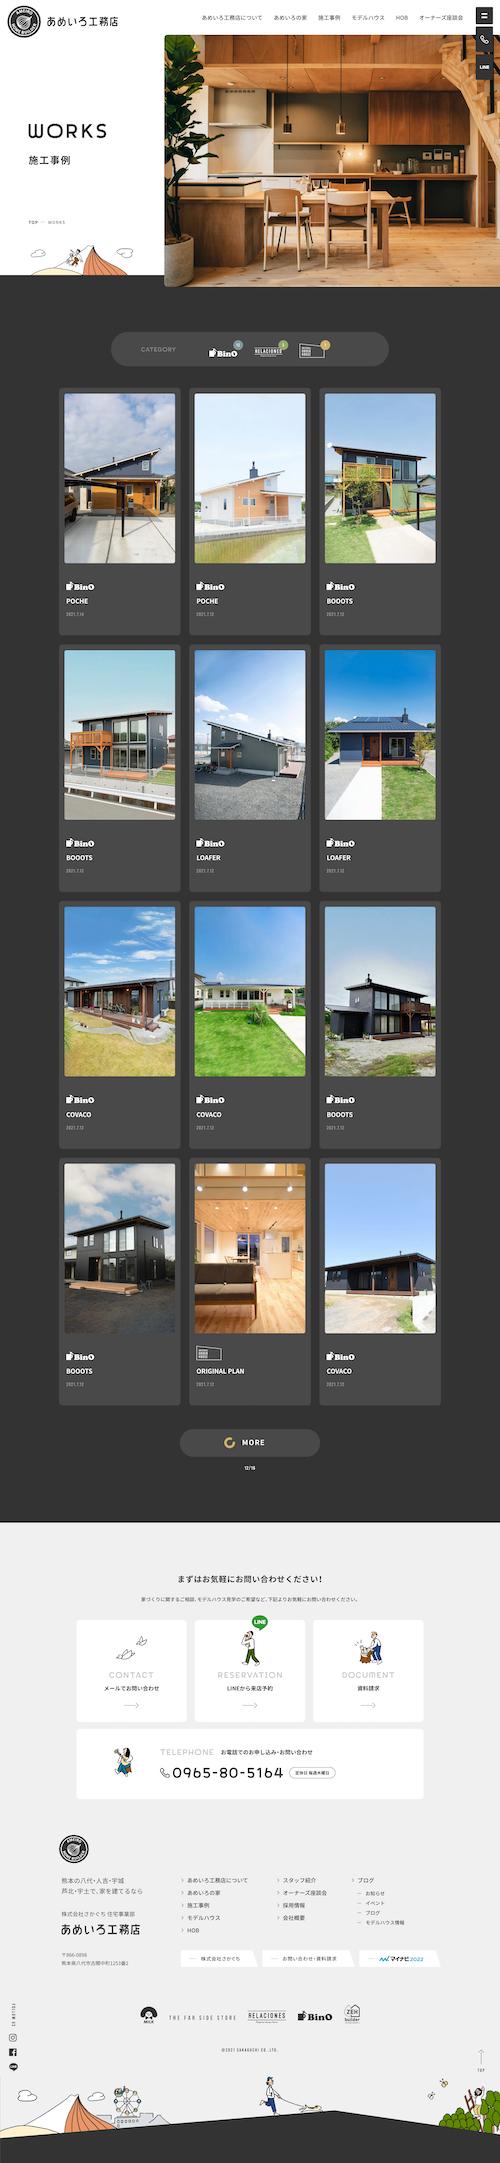 ameiro-home-works